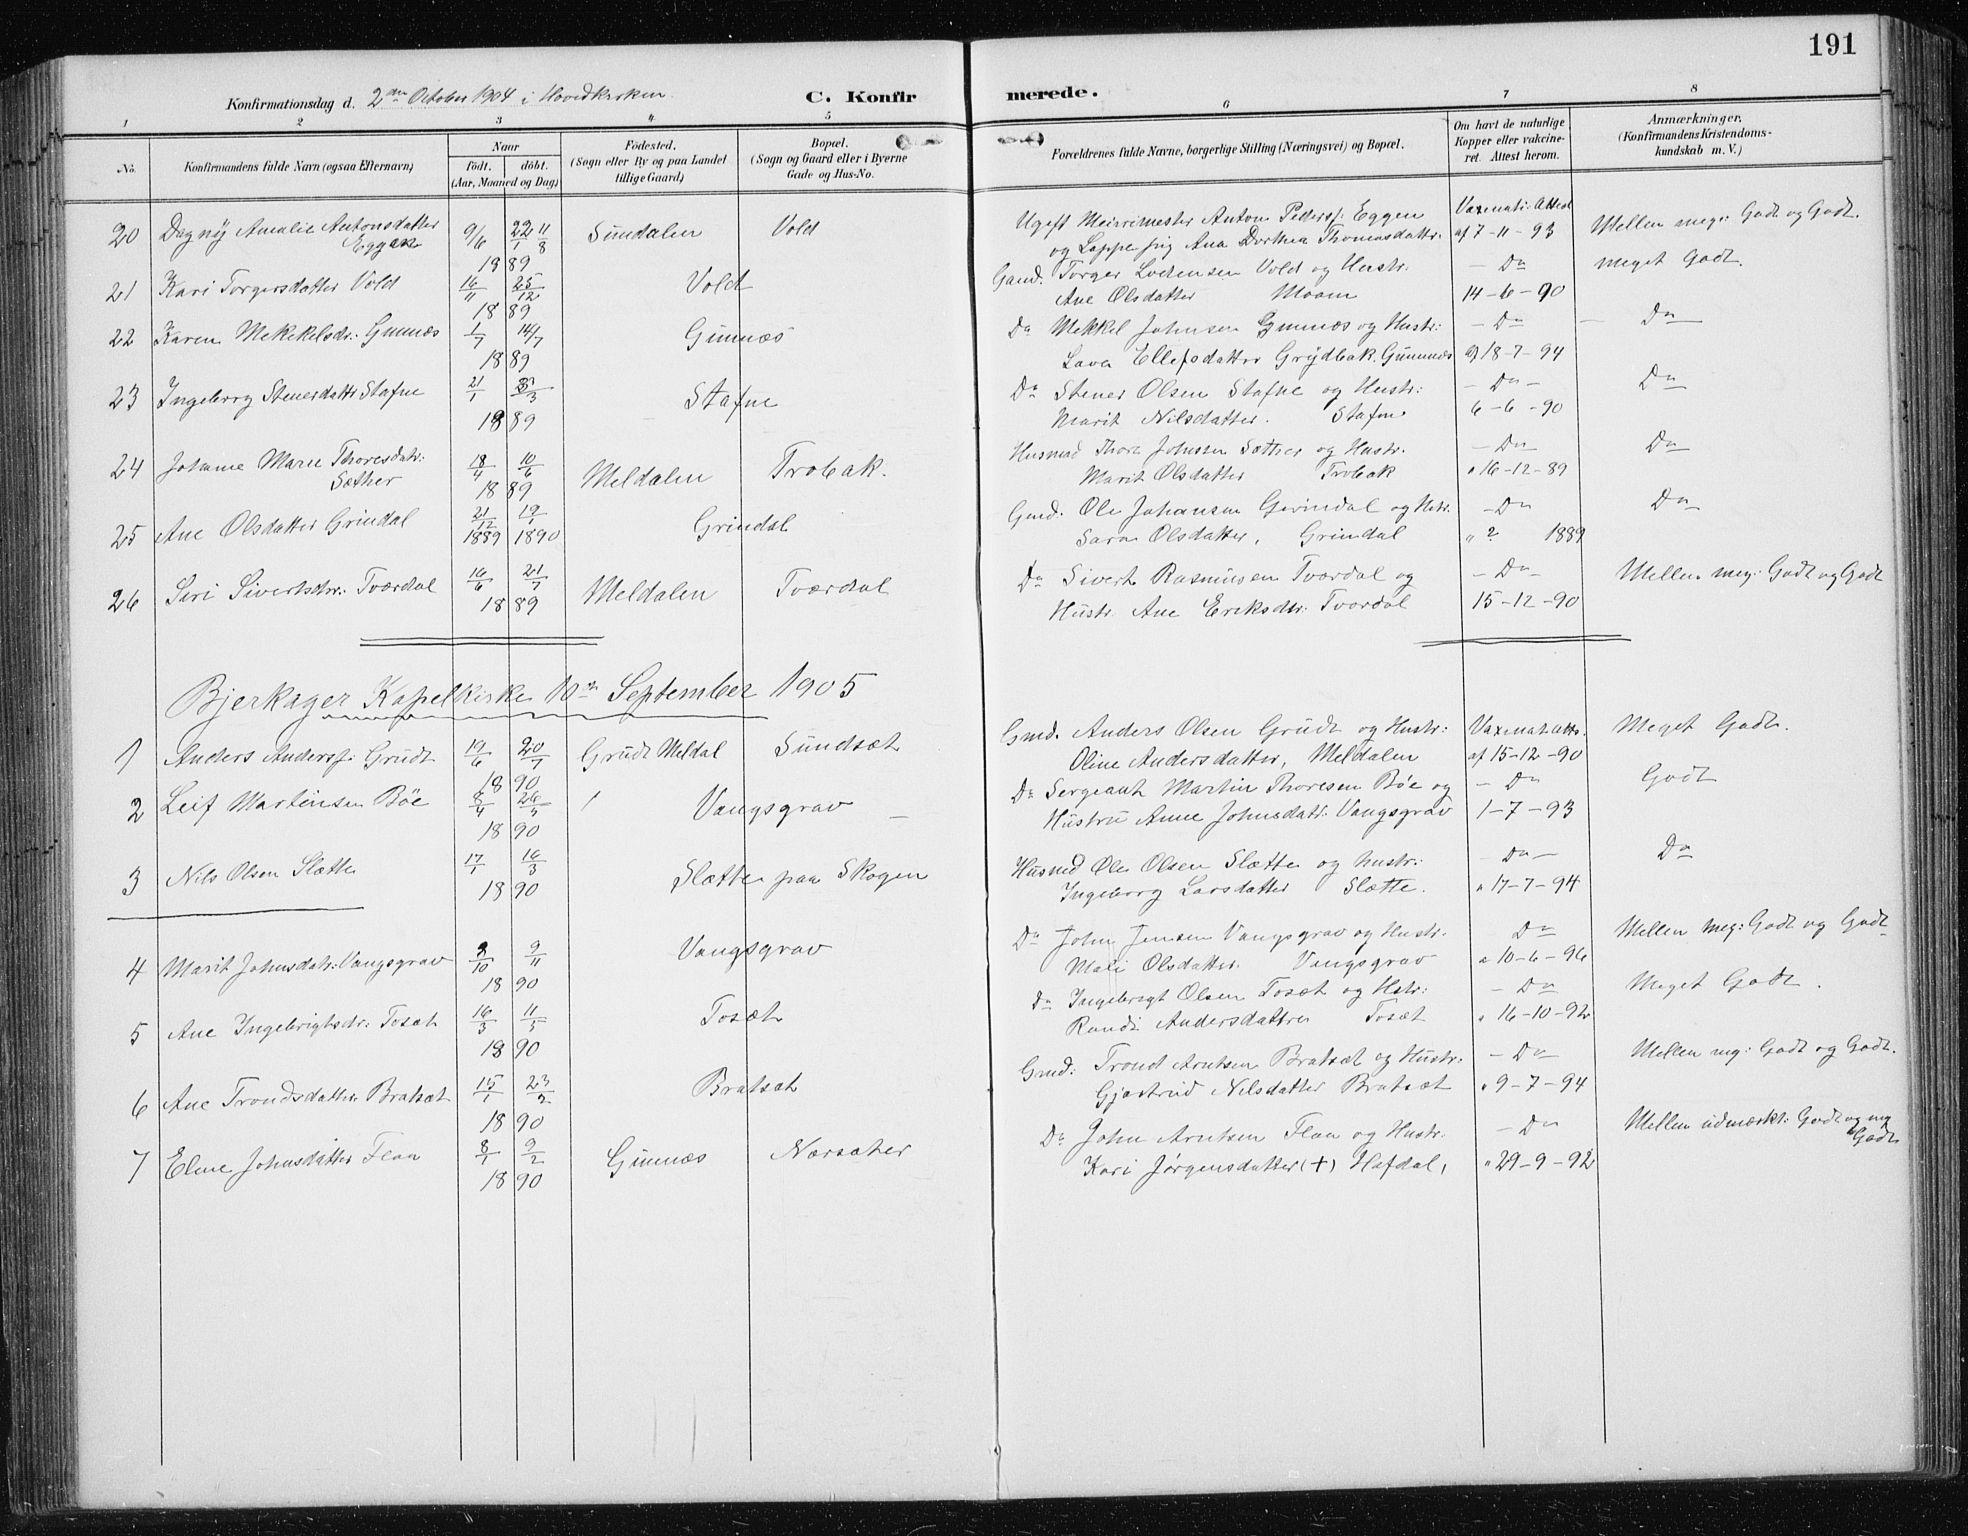 SAT, Ministerialprotokoller, klokkerbøker og fødselsregistre - Sør-Trøndelag, 674/L0876: Klokkerbok nr. 674C03, 1892-1912, s. 191